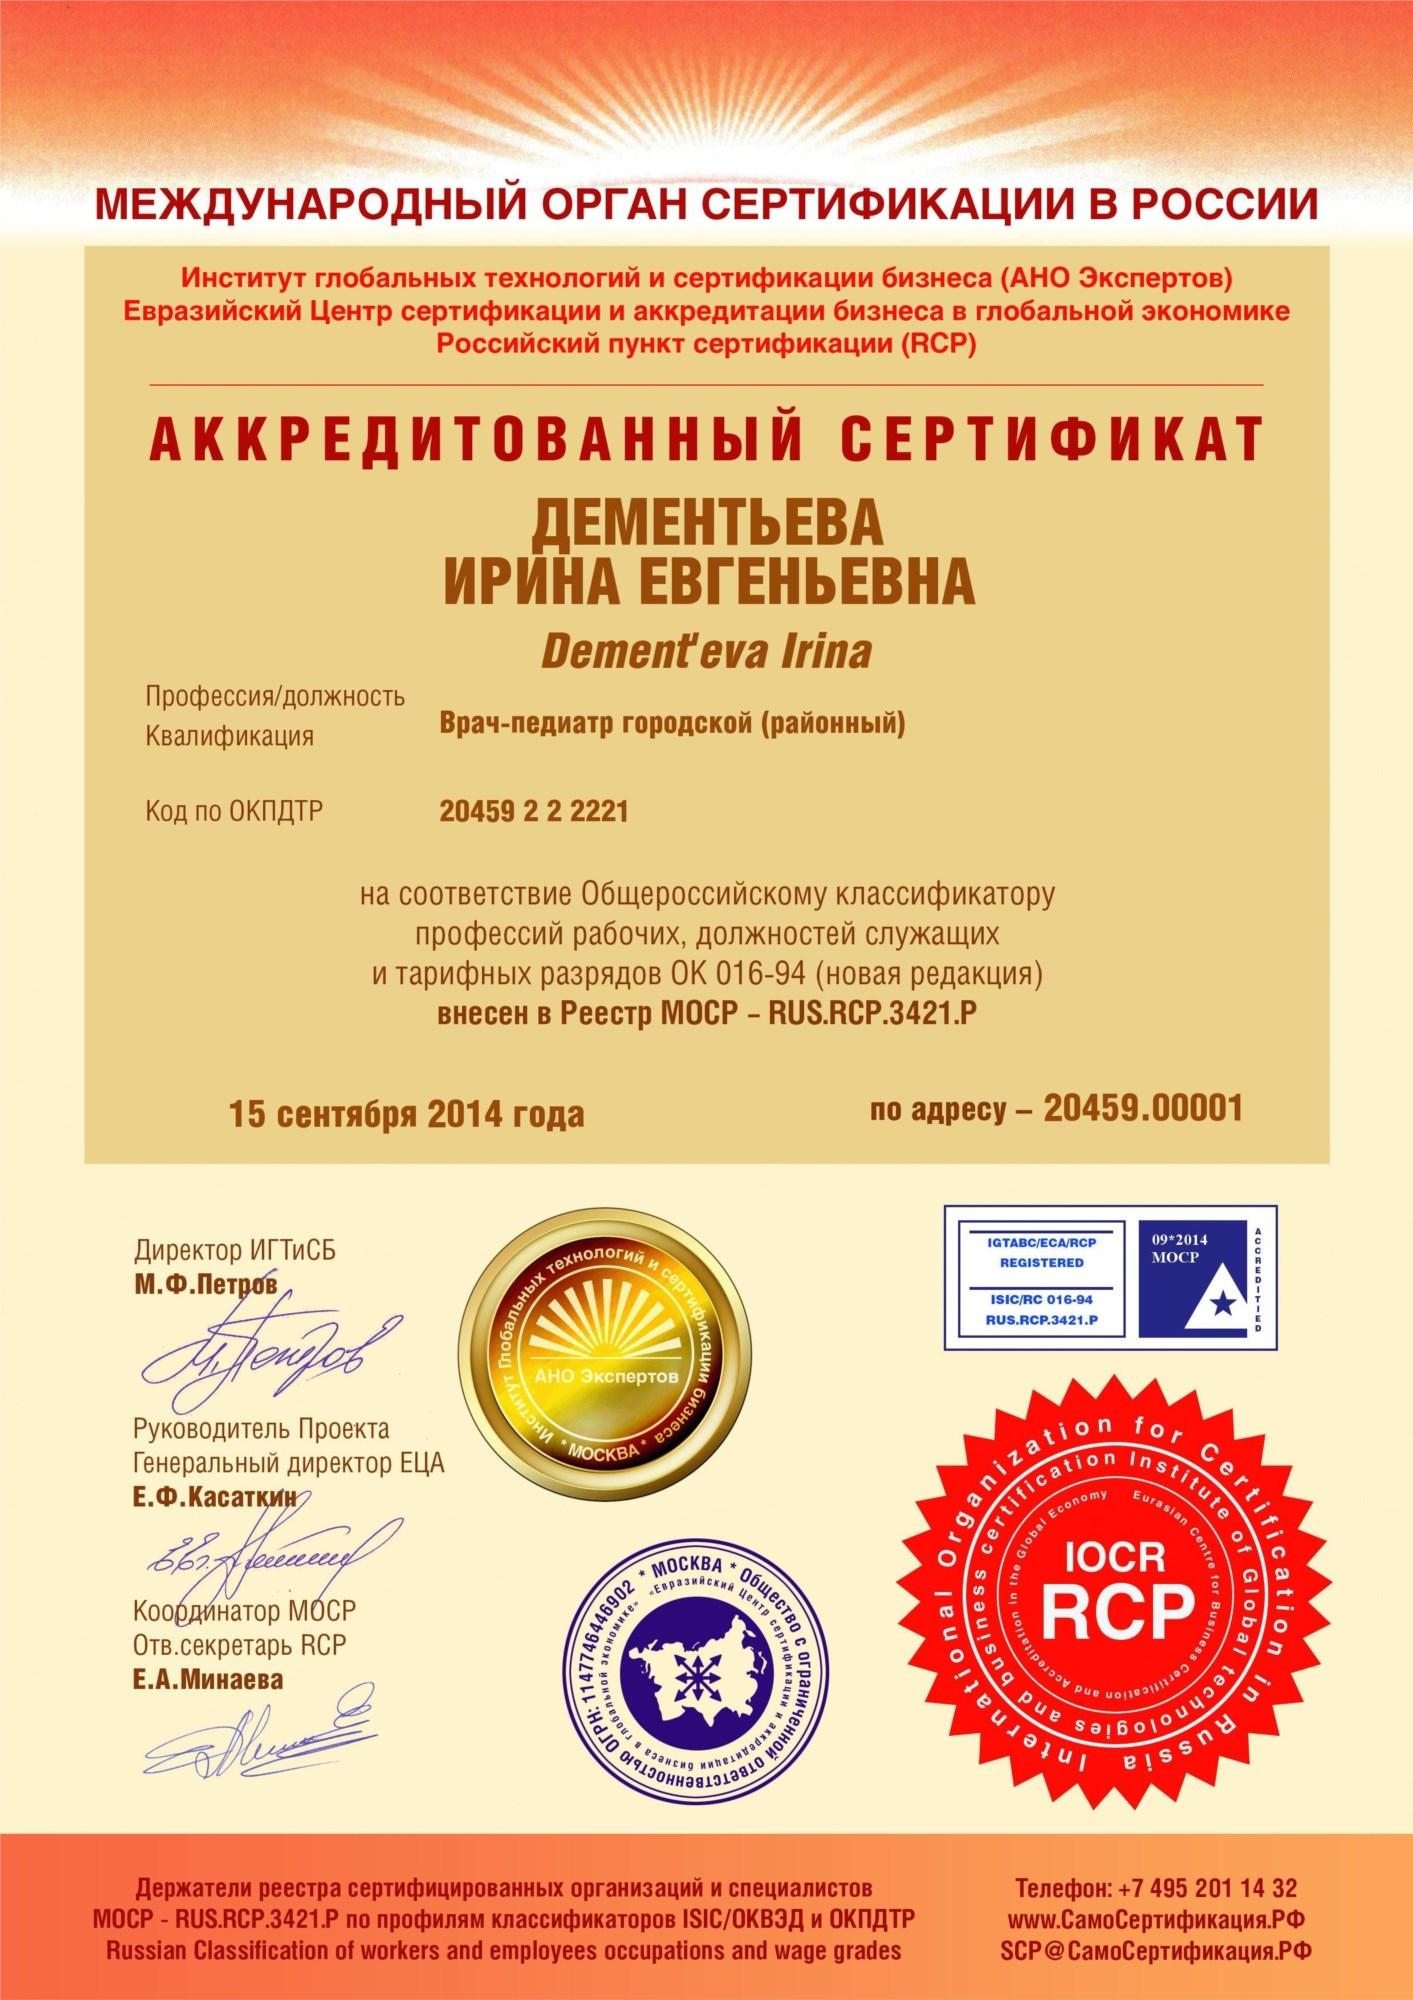 Аккредитованный сертификат Врач-педиатр